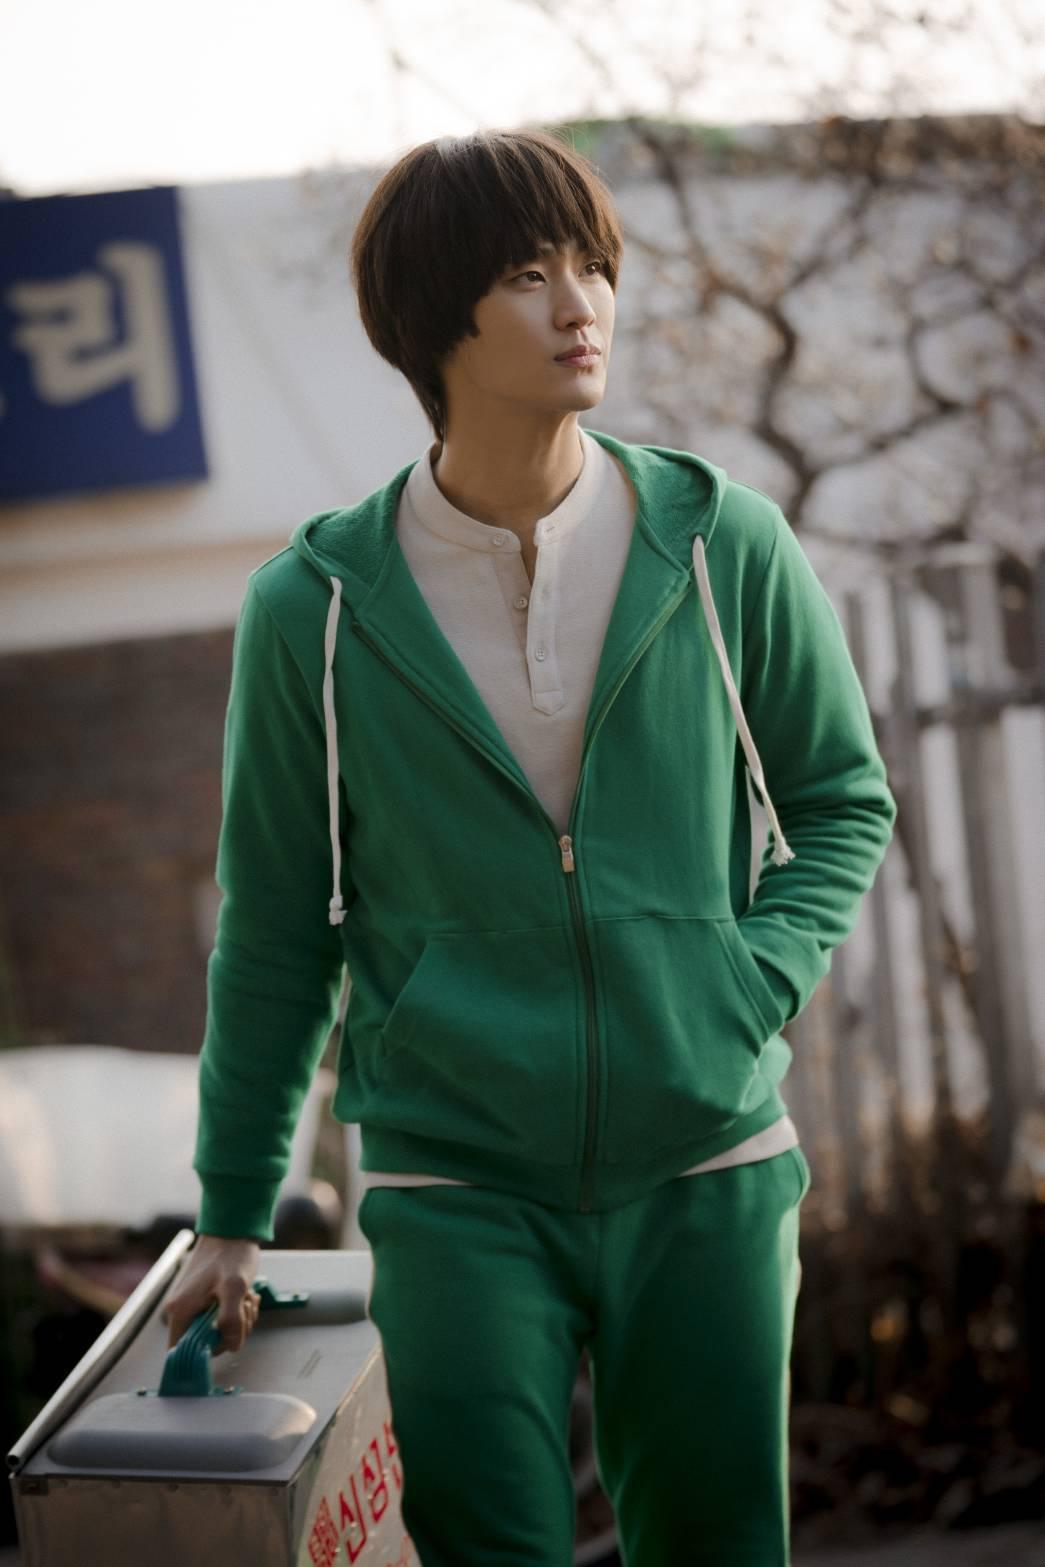 金秀賢在第10集驚喜現身。圖/Netflix提供